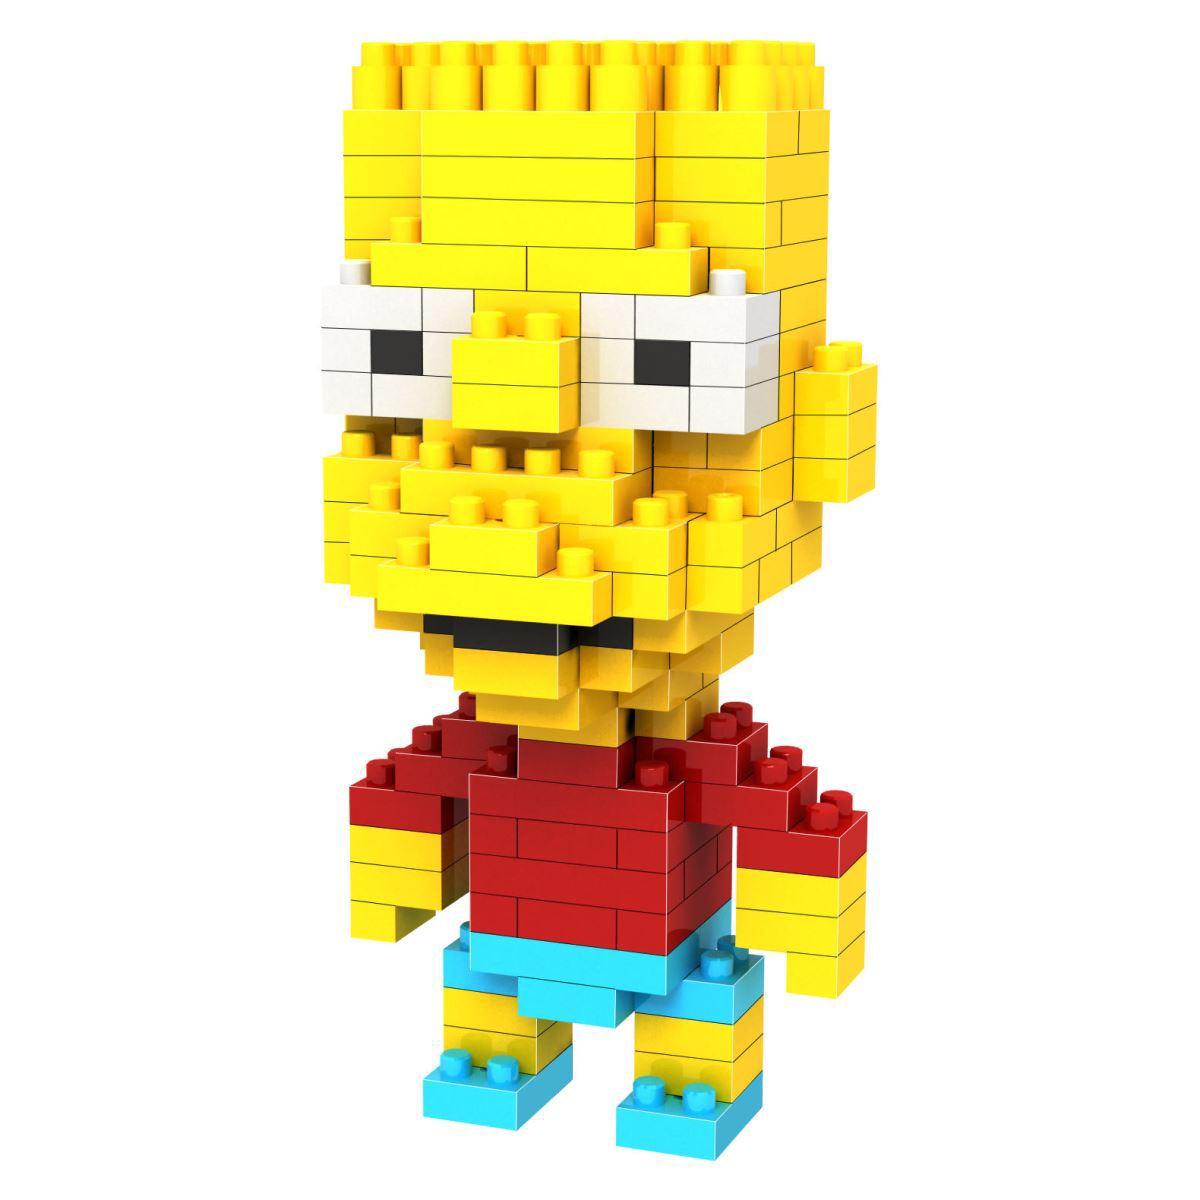 Loz Конструктор Diamond Block Барт - реальный пацан9337Конструктор Diamond Block Барт - реальный пацан привлечет внимание любителей популярного мультфильма Симпсоны и прекрасно подойдет в качестве подарка как взрослому, так и ребенку.